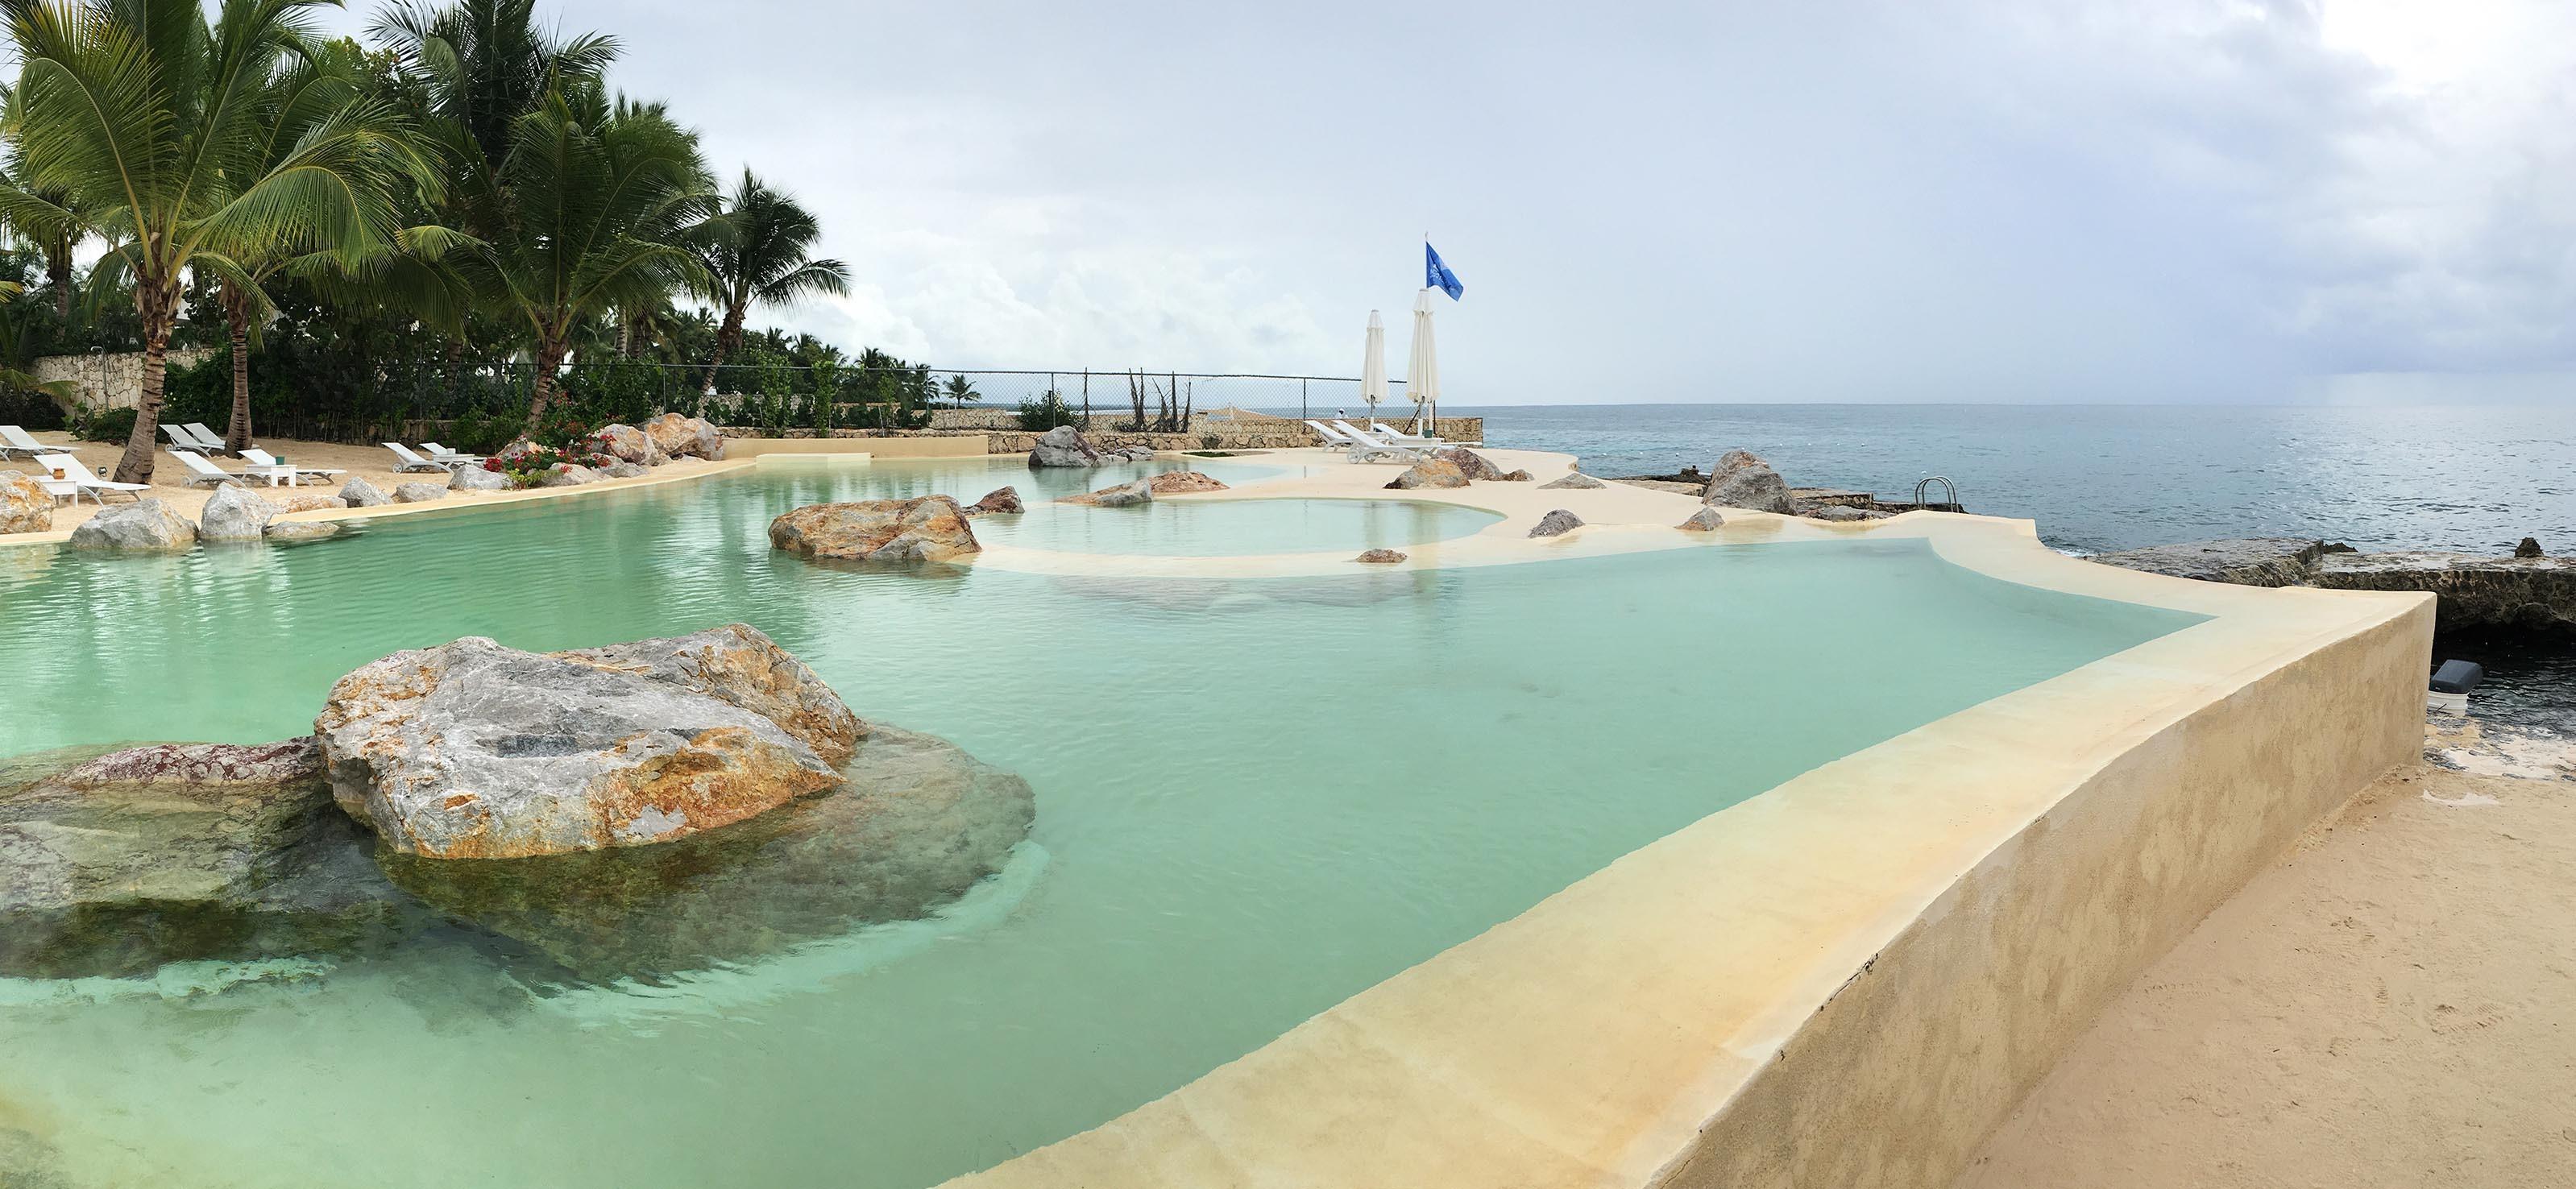 The gorgeous oceanic pool of Santo Domingo - Swimming Pools